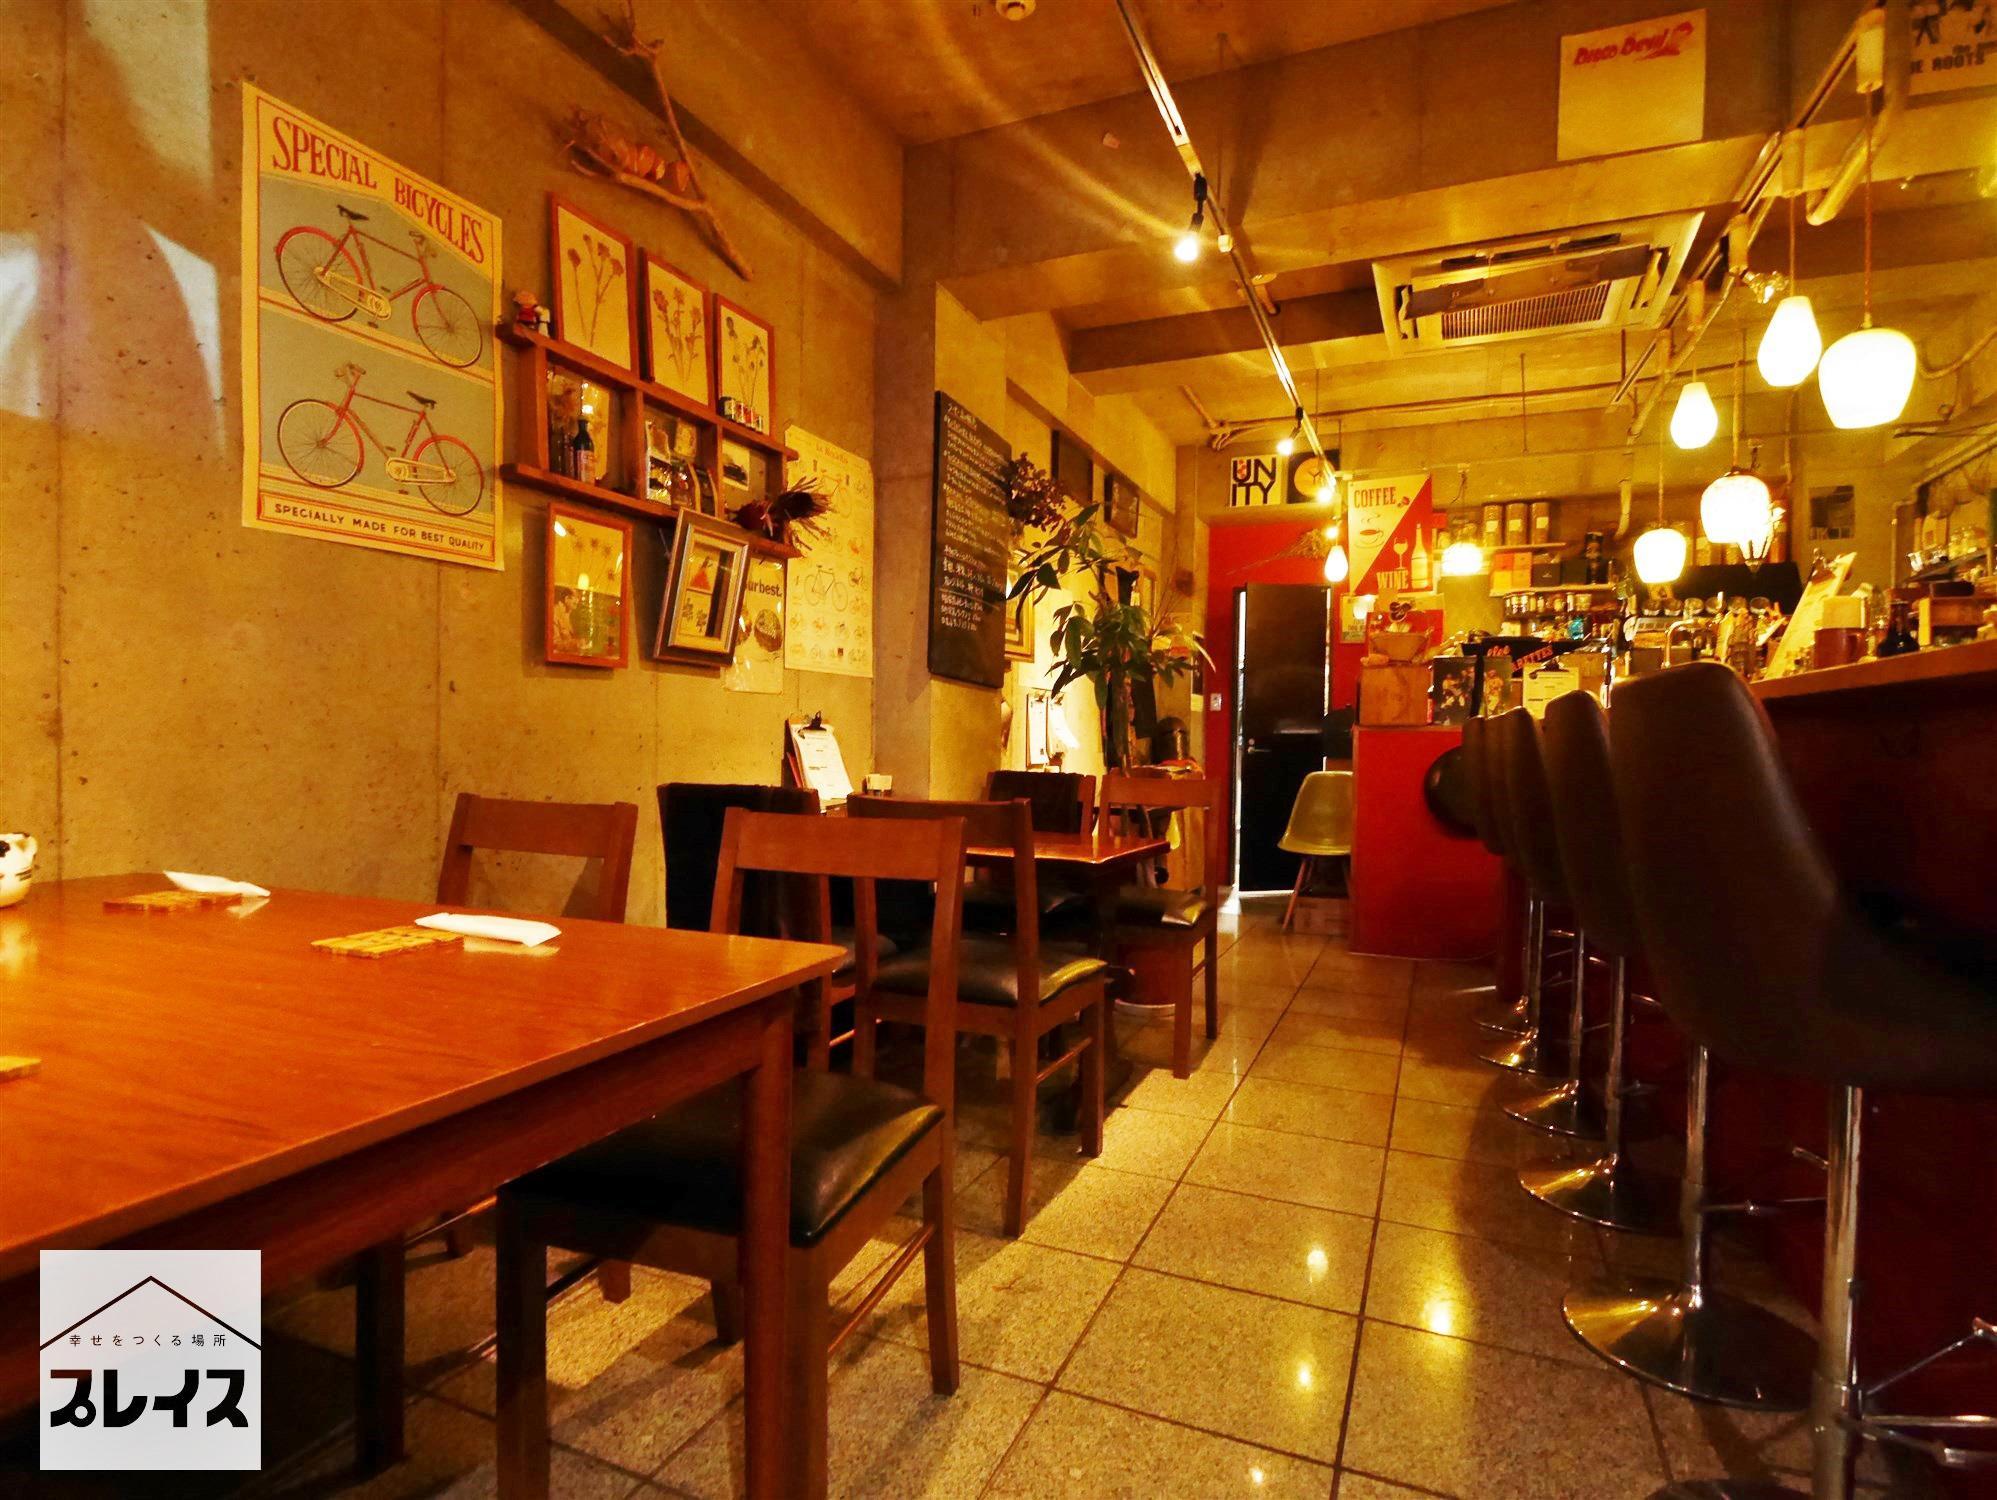 P20161226-武蔵野市-KOYASUKE/BAR (5)店内.jpg